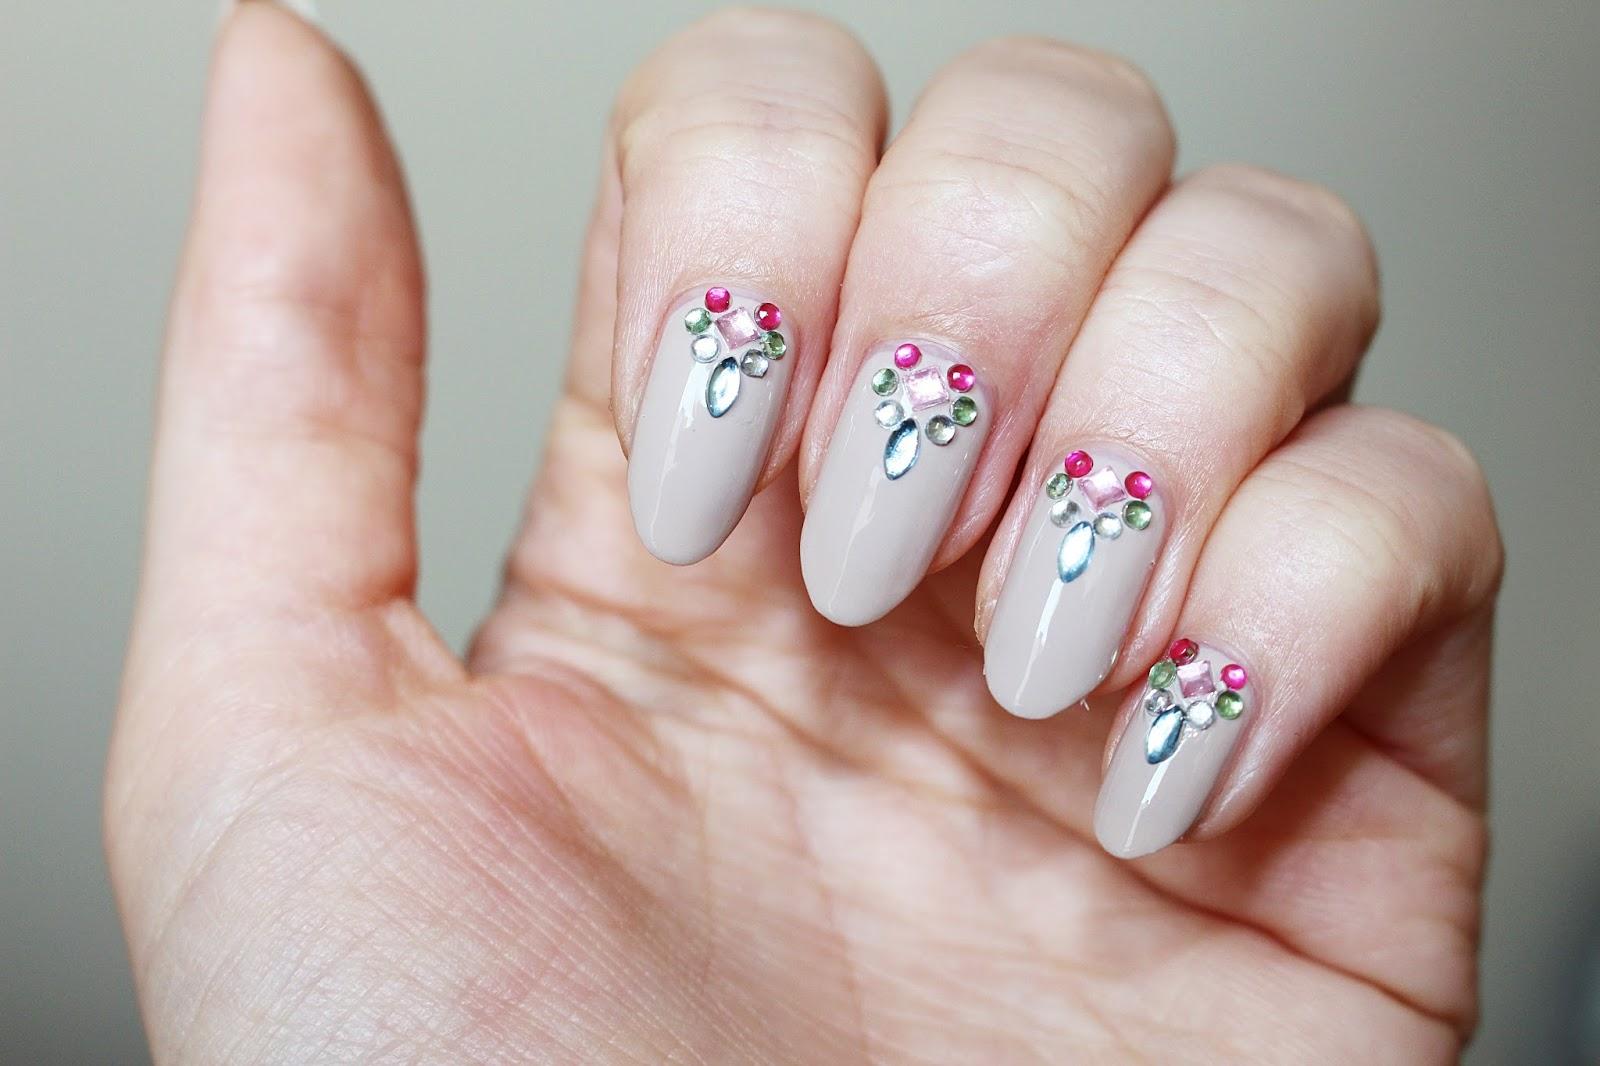 Essie Sand Tropez nude nails swarovski crystal kryształy na paznokciach kamienie almond nails migdałowe paznokcie z instagrama jak zrobić migdałowe paznokcie